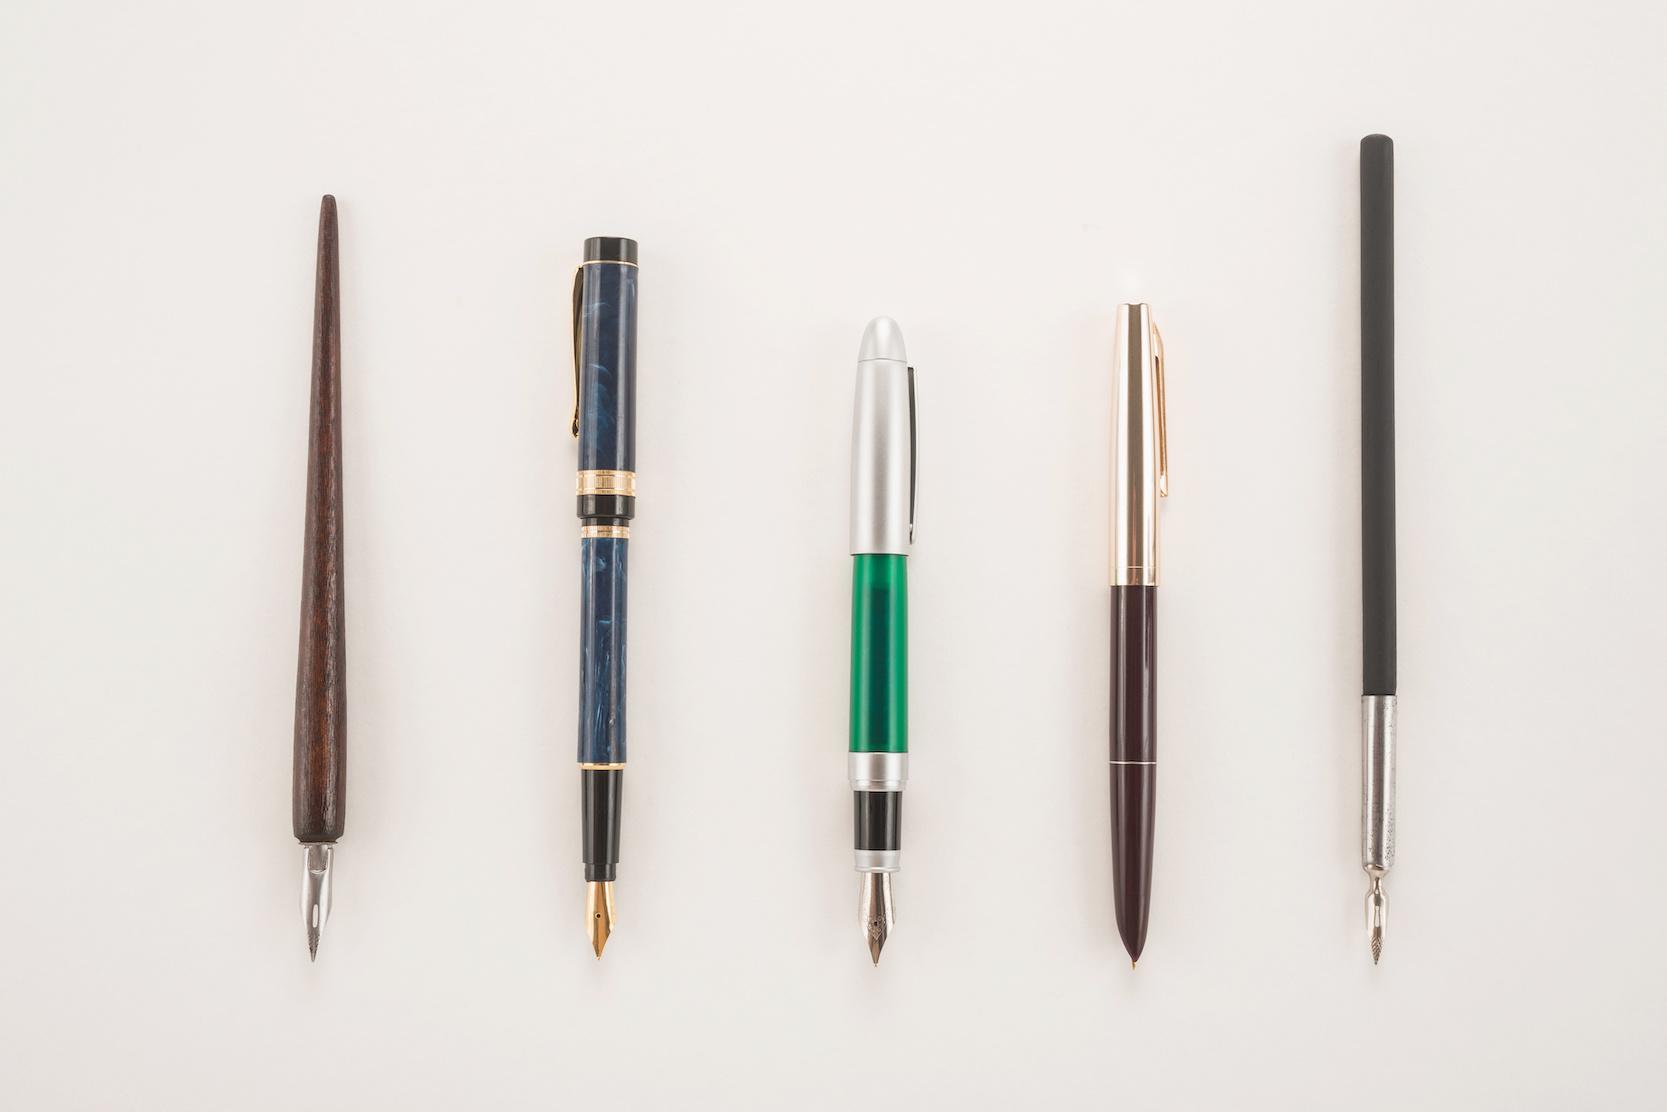 Photos de stylos plumes posés sur une table